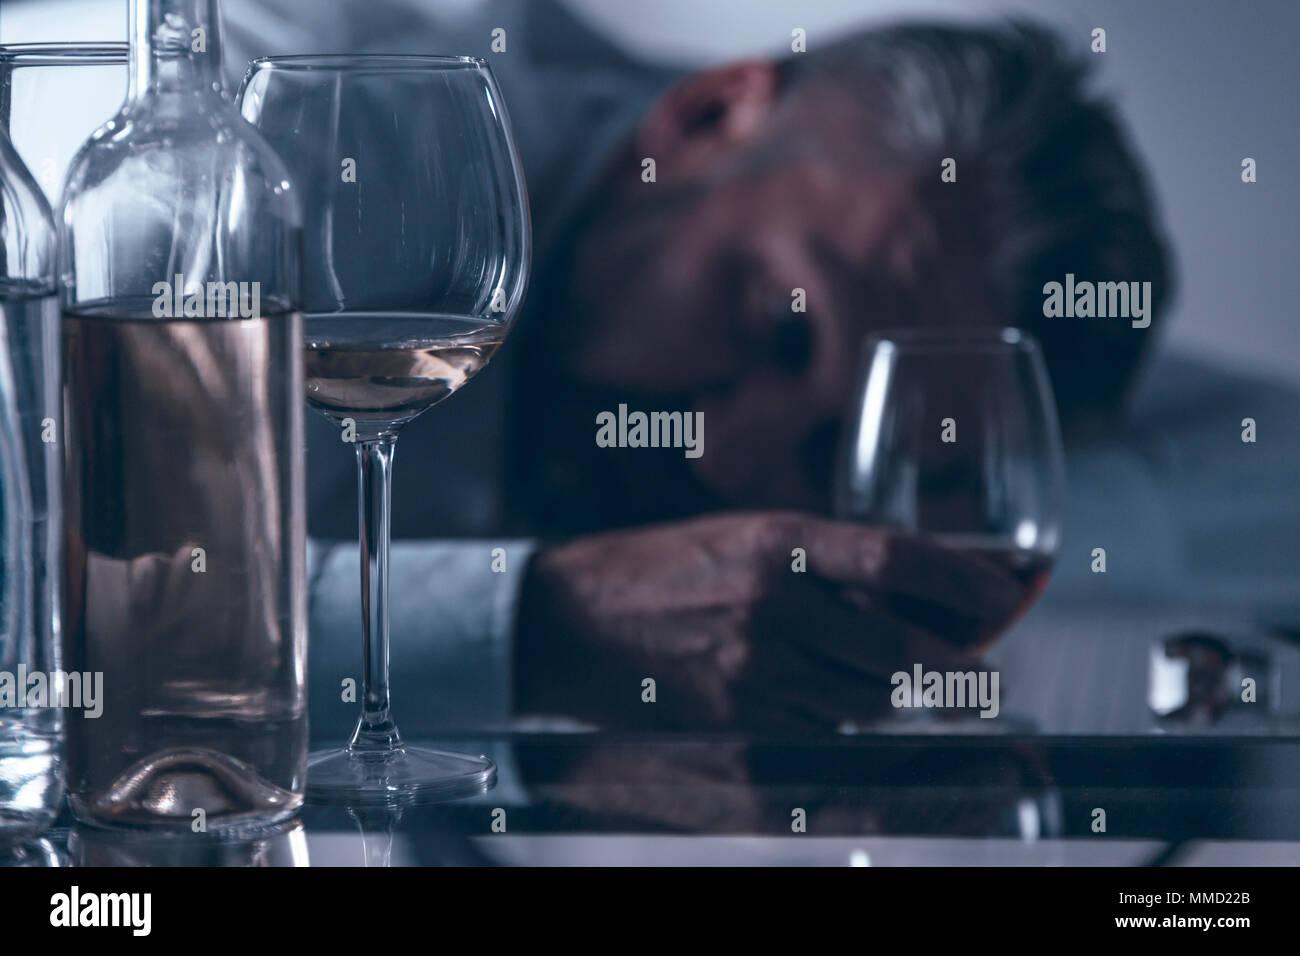 Close-up of a Drunken désespérément homme d'âge moyen s'appuyant sur la table derrière bouteilles et verres avec de l'alcool Photo Stock